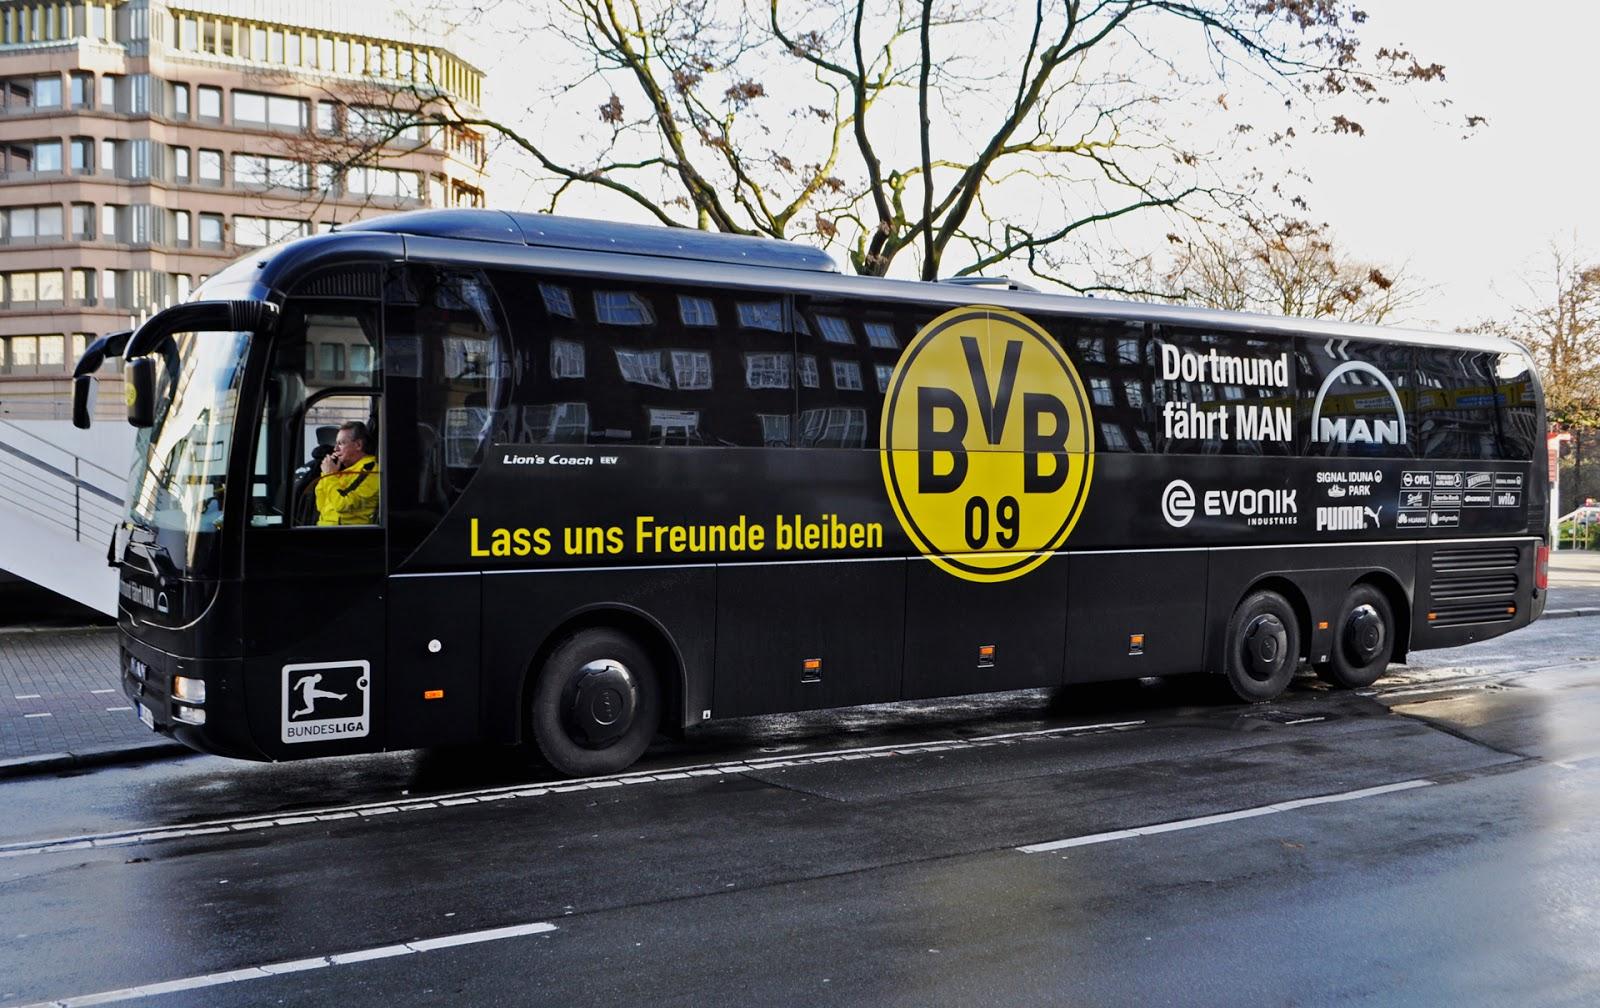 Der Postillon Bvb ändert Vereins Motto Von Echte Liebe In Lass